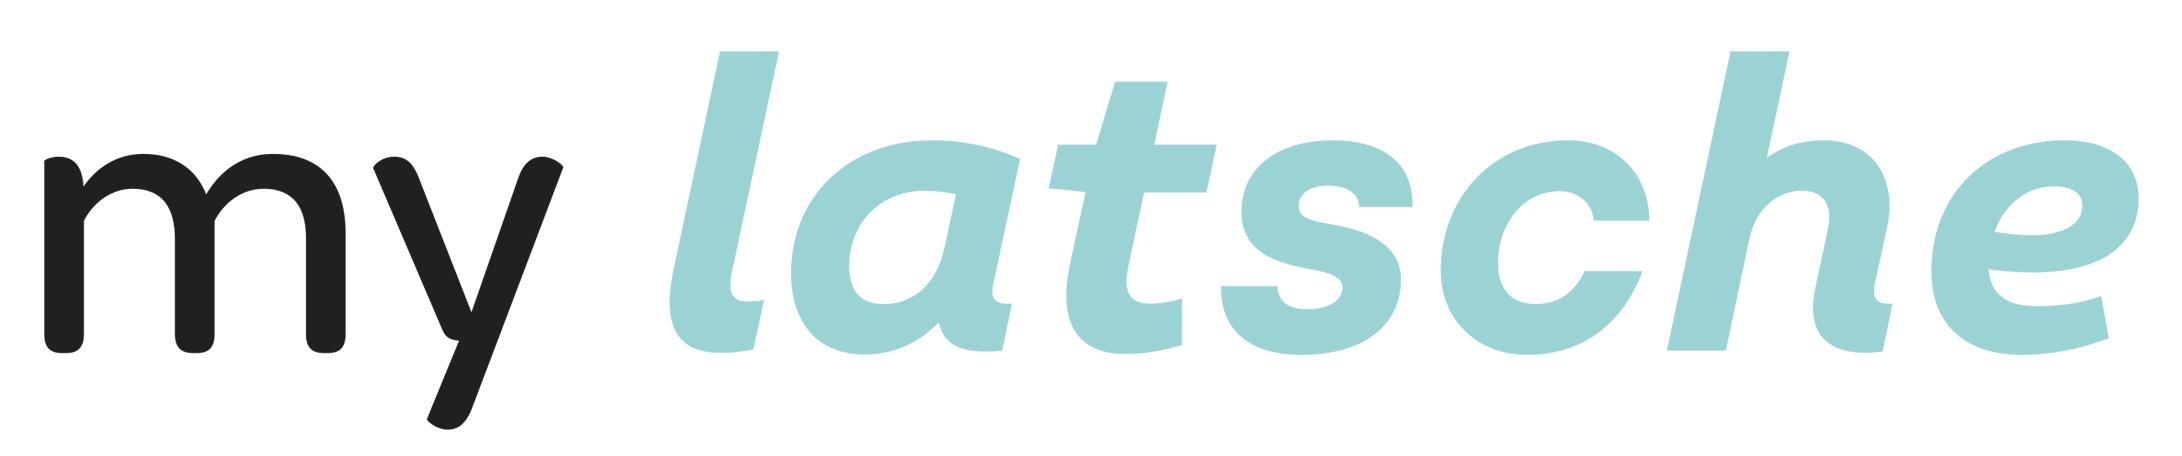 myLatsche - Designe dein eignenSneaka